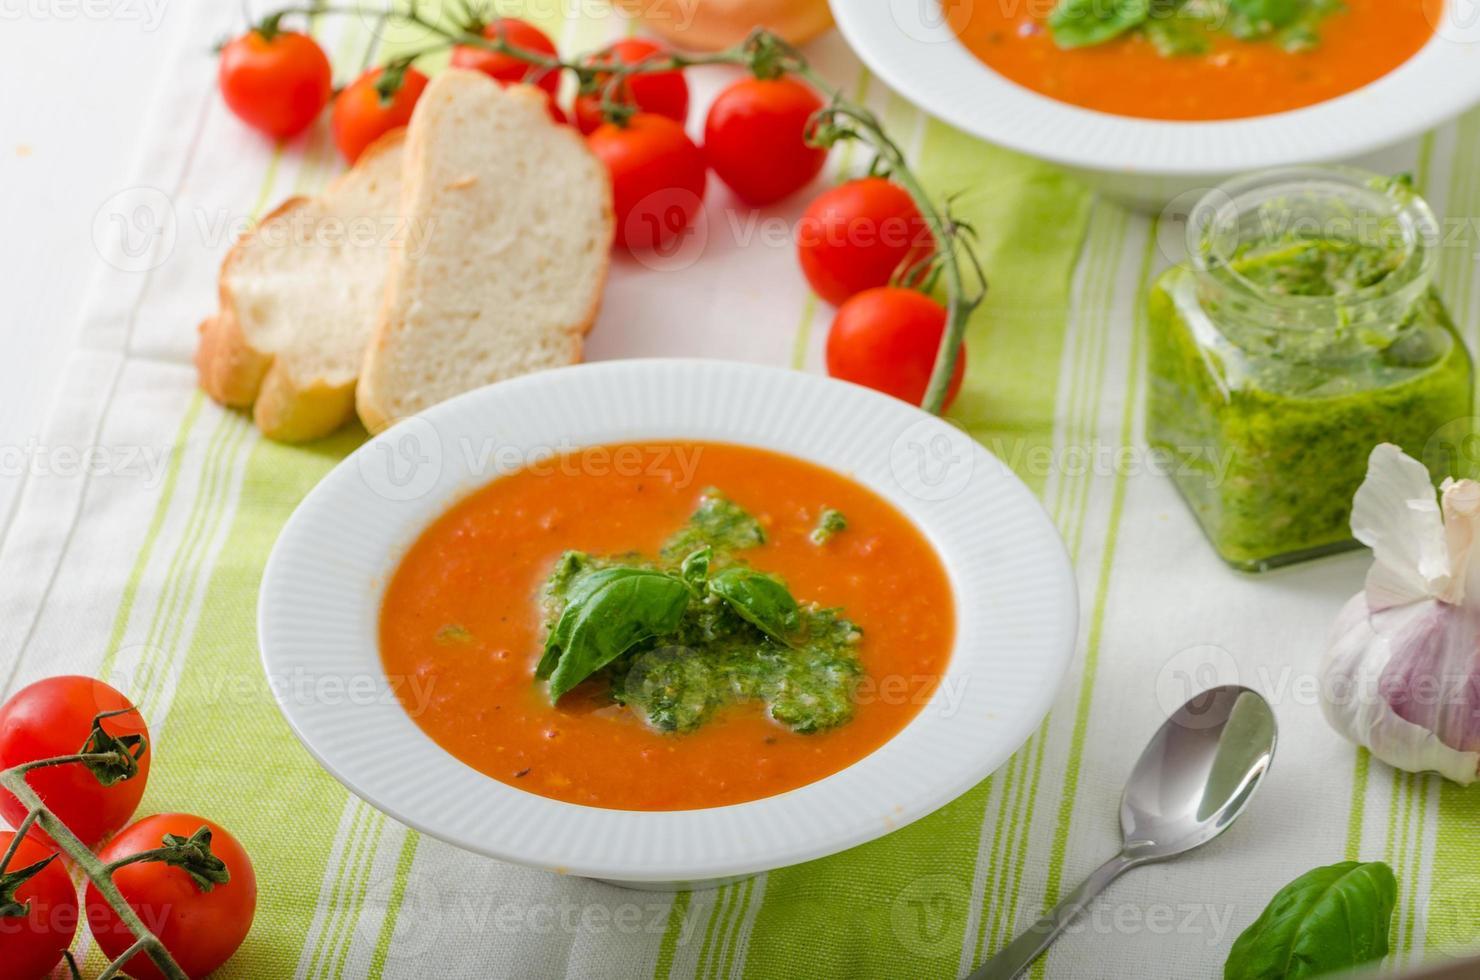 tomatensoep met gremolata foto